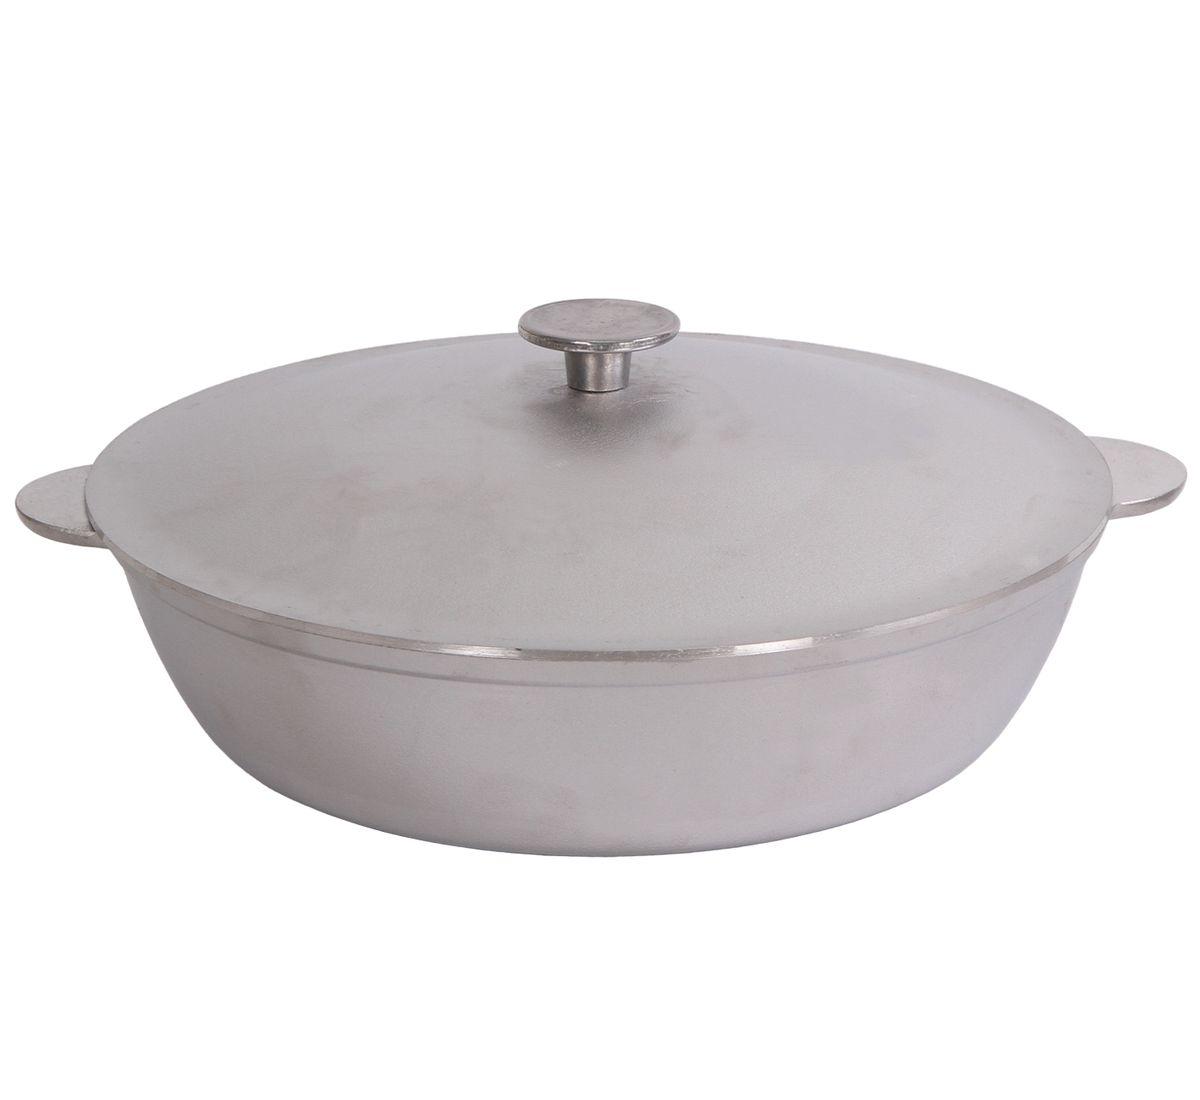 Сковорода Биол с крышкой. Диаметр 32 см68/5/2Сковорода Биол изготовлена из литого алюминия. Изделие оснащено плотно прилегающей крышкой, позволяющей сохранить аромат готовящегося блюда.Сковорода снабжена двумя эргономичными ручками. Нельзя оставлять приготовленную пищу в посуде для хранения. Сковороду можно использовать на газовых, электрических и стеклокерамических плитах. Высота стенки: 8,3 см.Диаметр (по верхнему краю): 32 см.Ширина (с учетом ручек): 37,5 см.